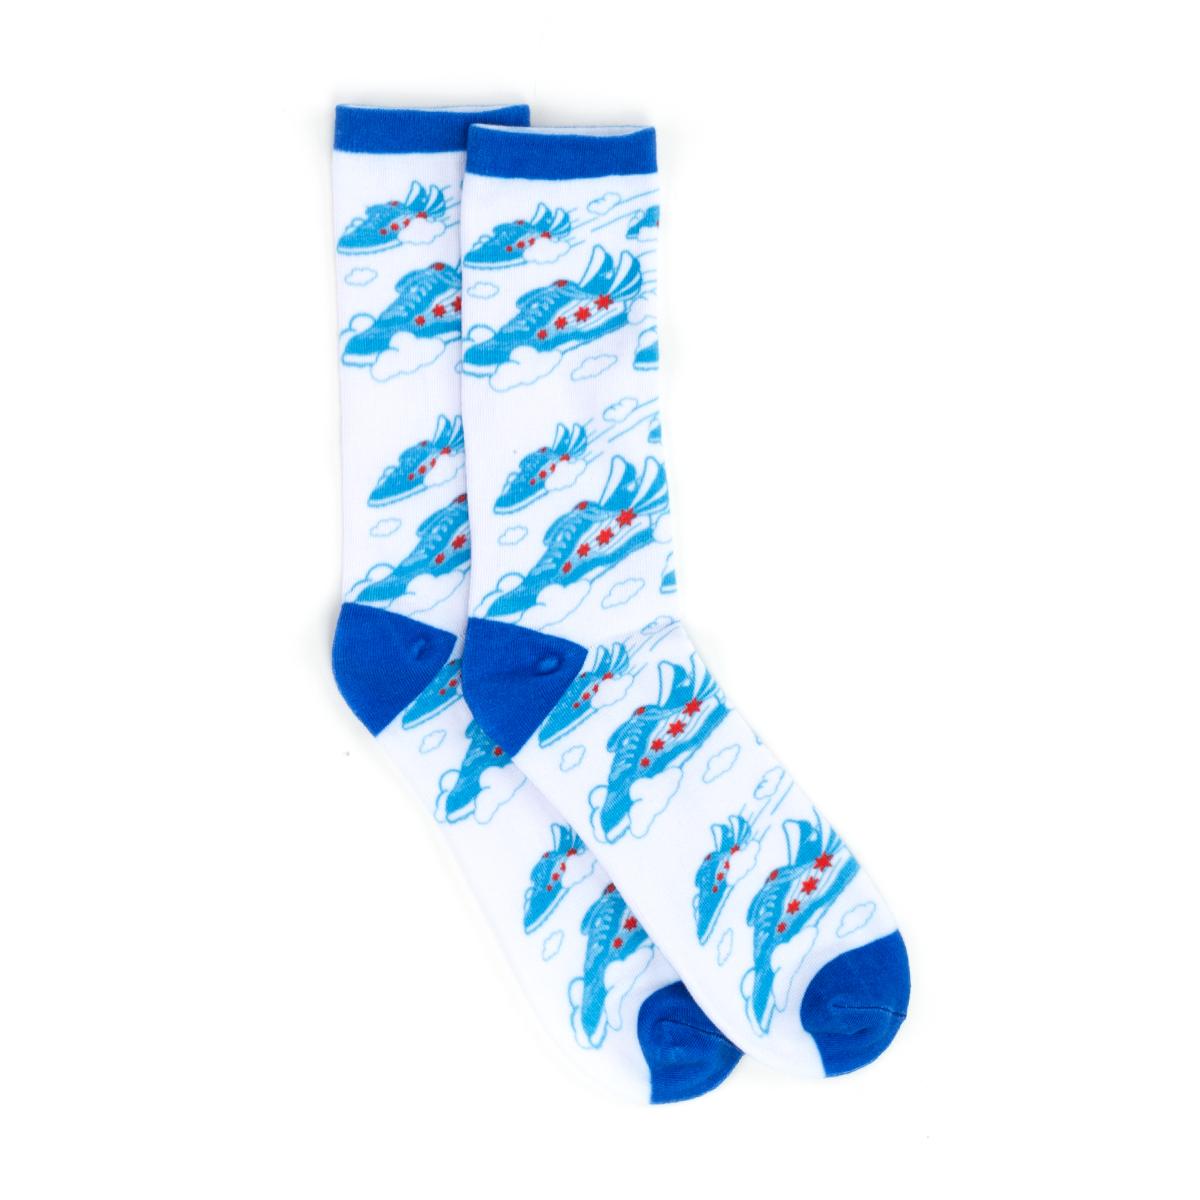 Flying Shoe Socks